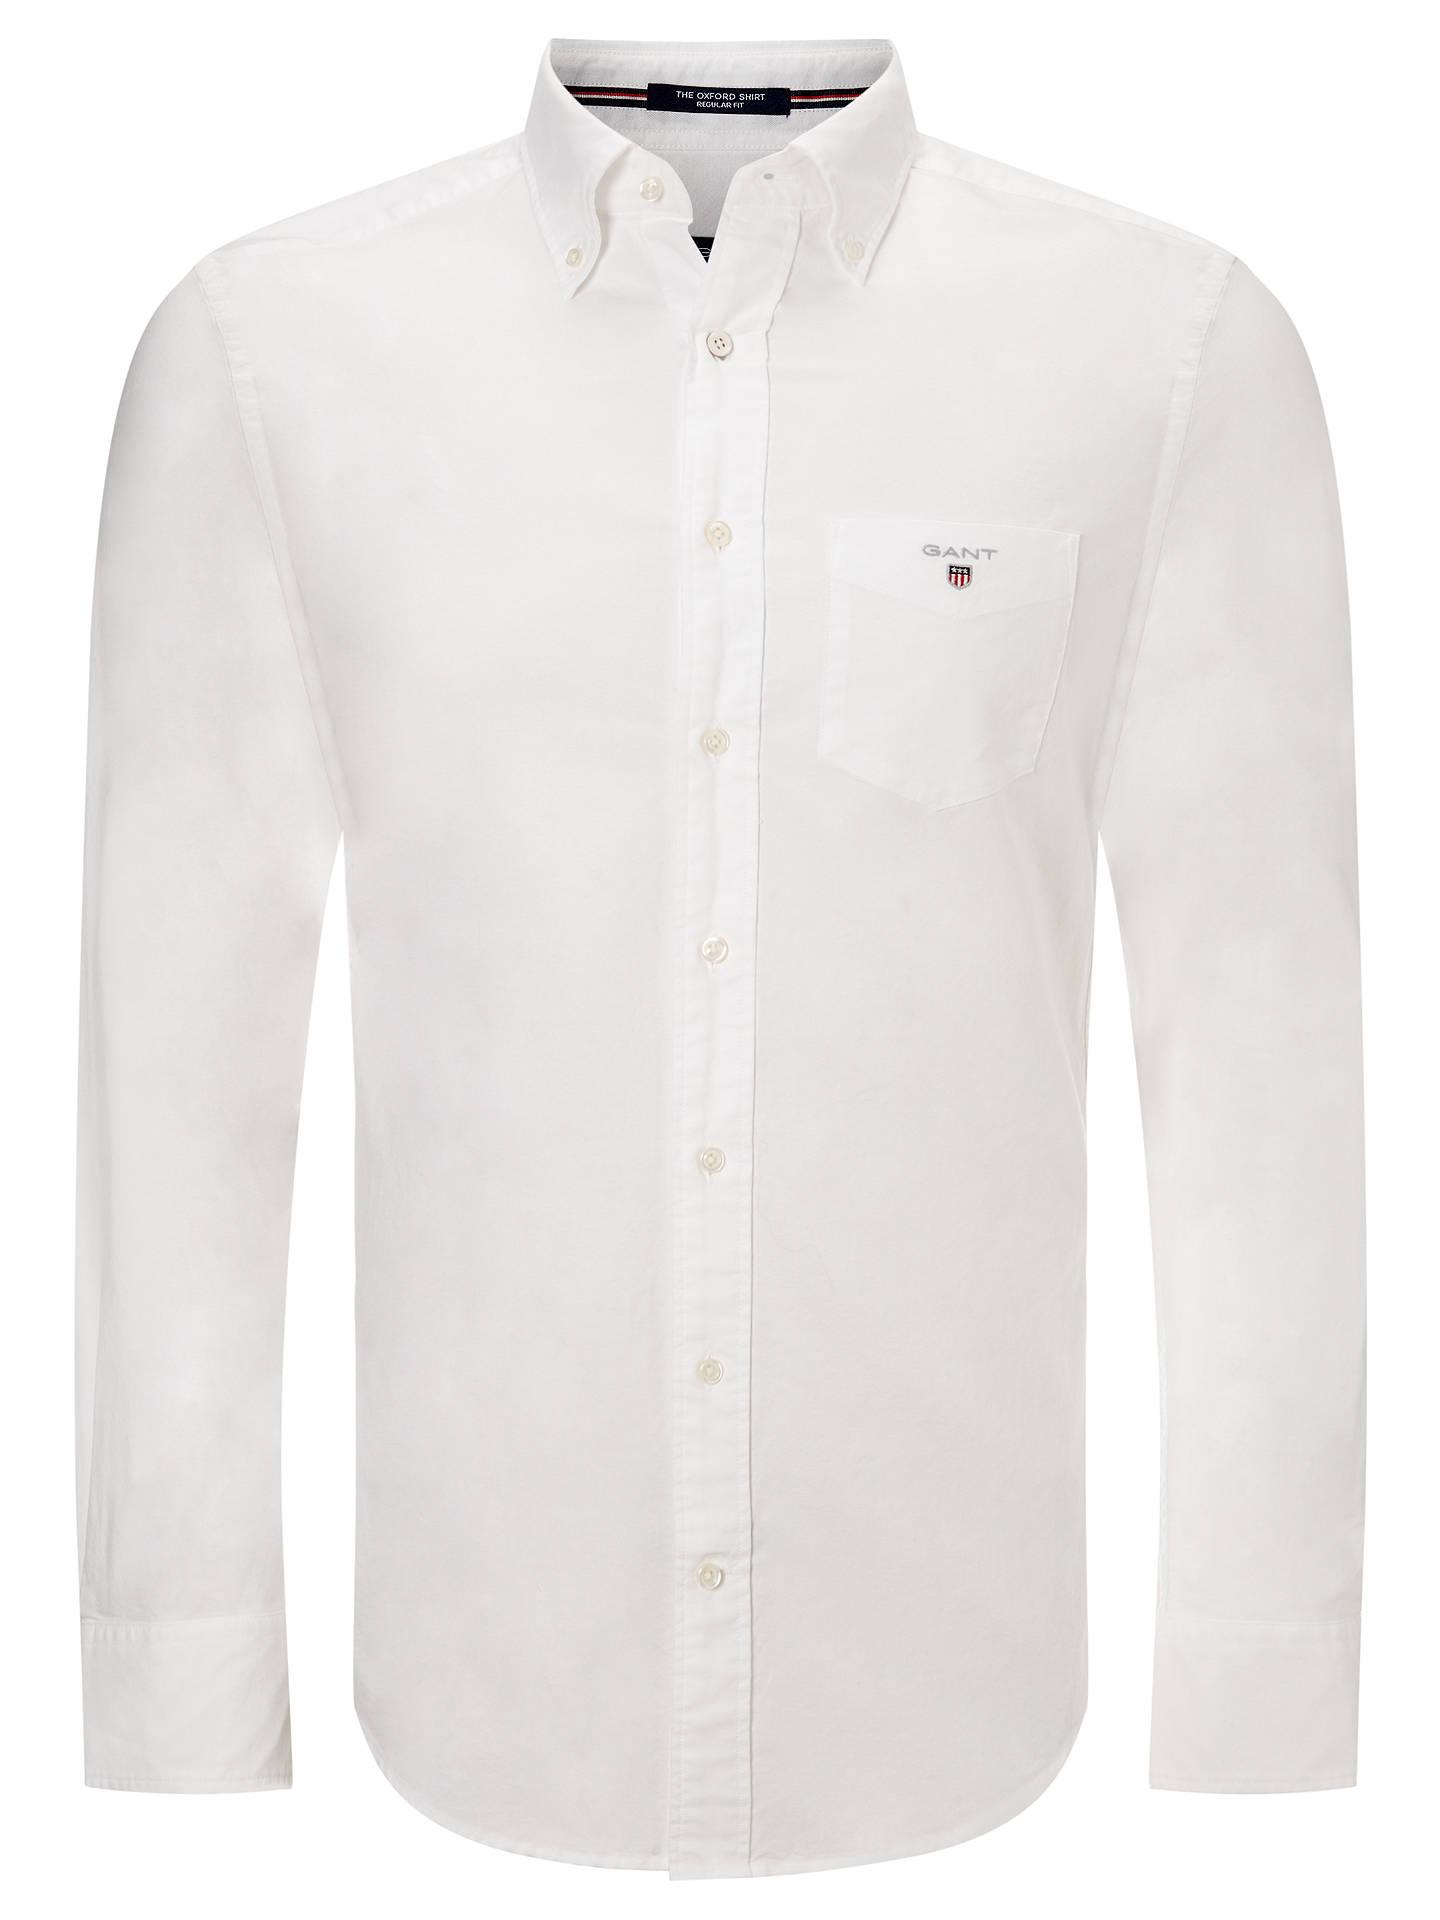 31da34039d Buy GANT Regular Fit Plain Oxford Shirt, White, S Online at johnlewis.com  ...